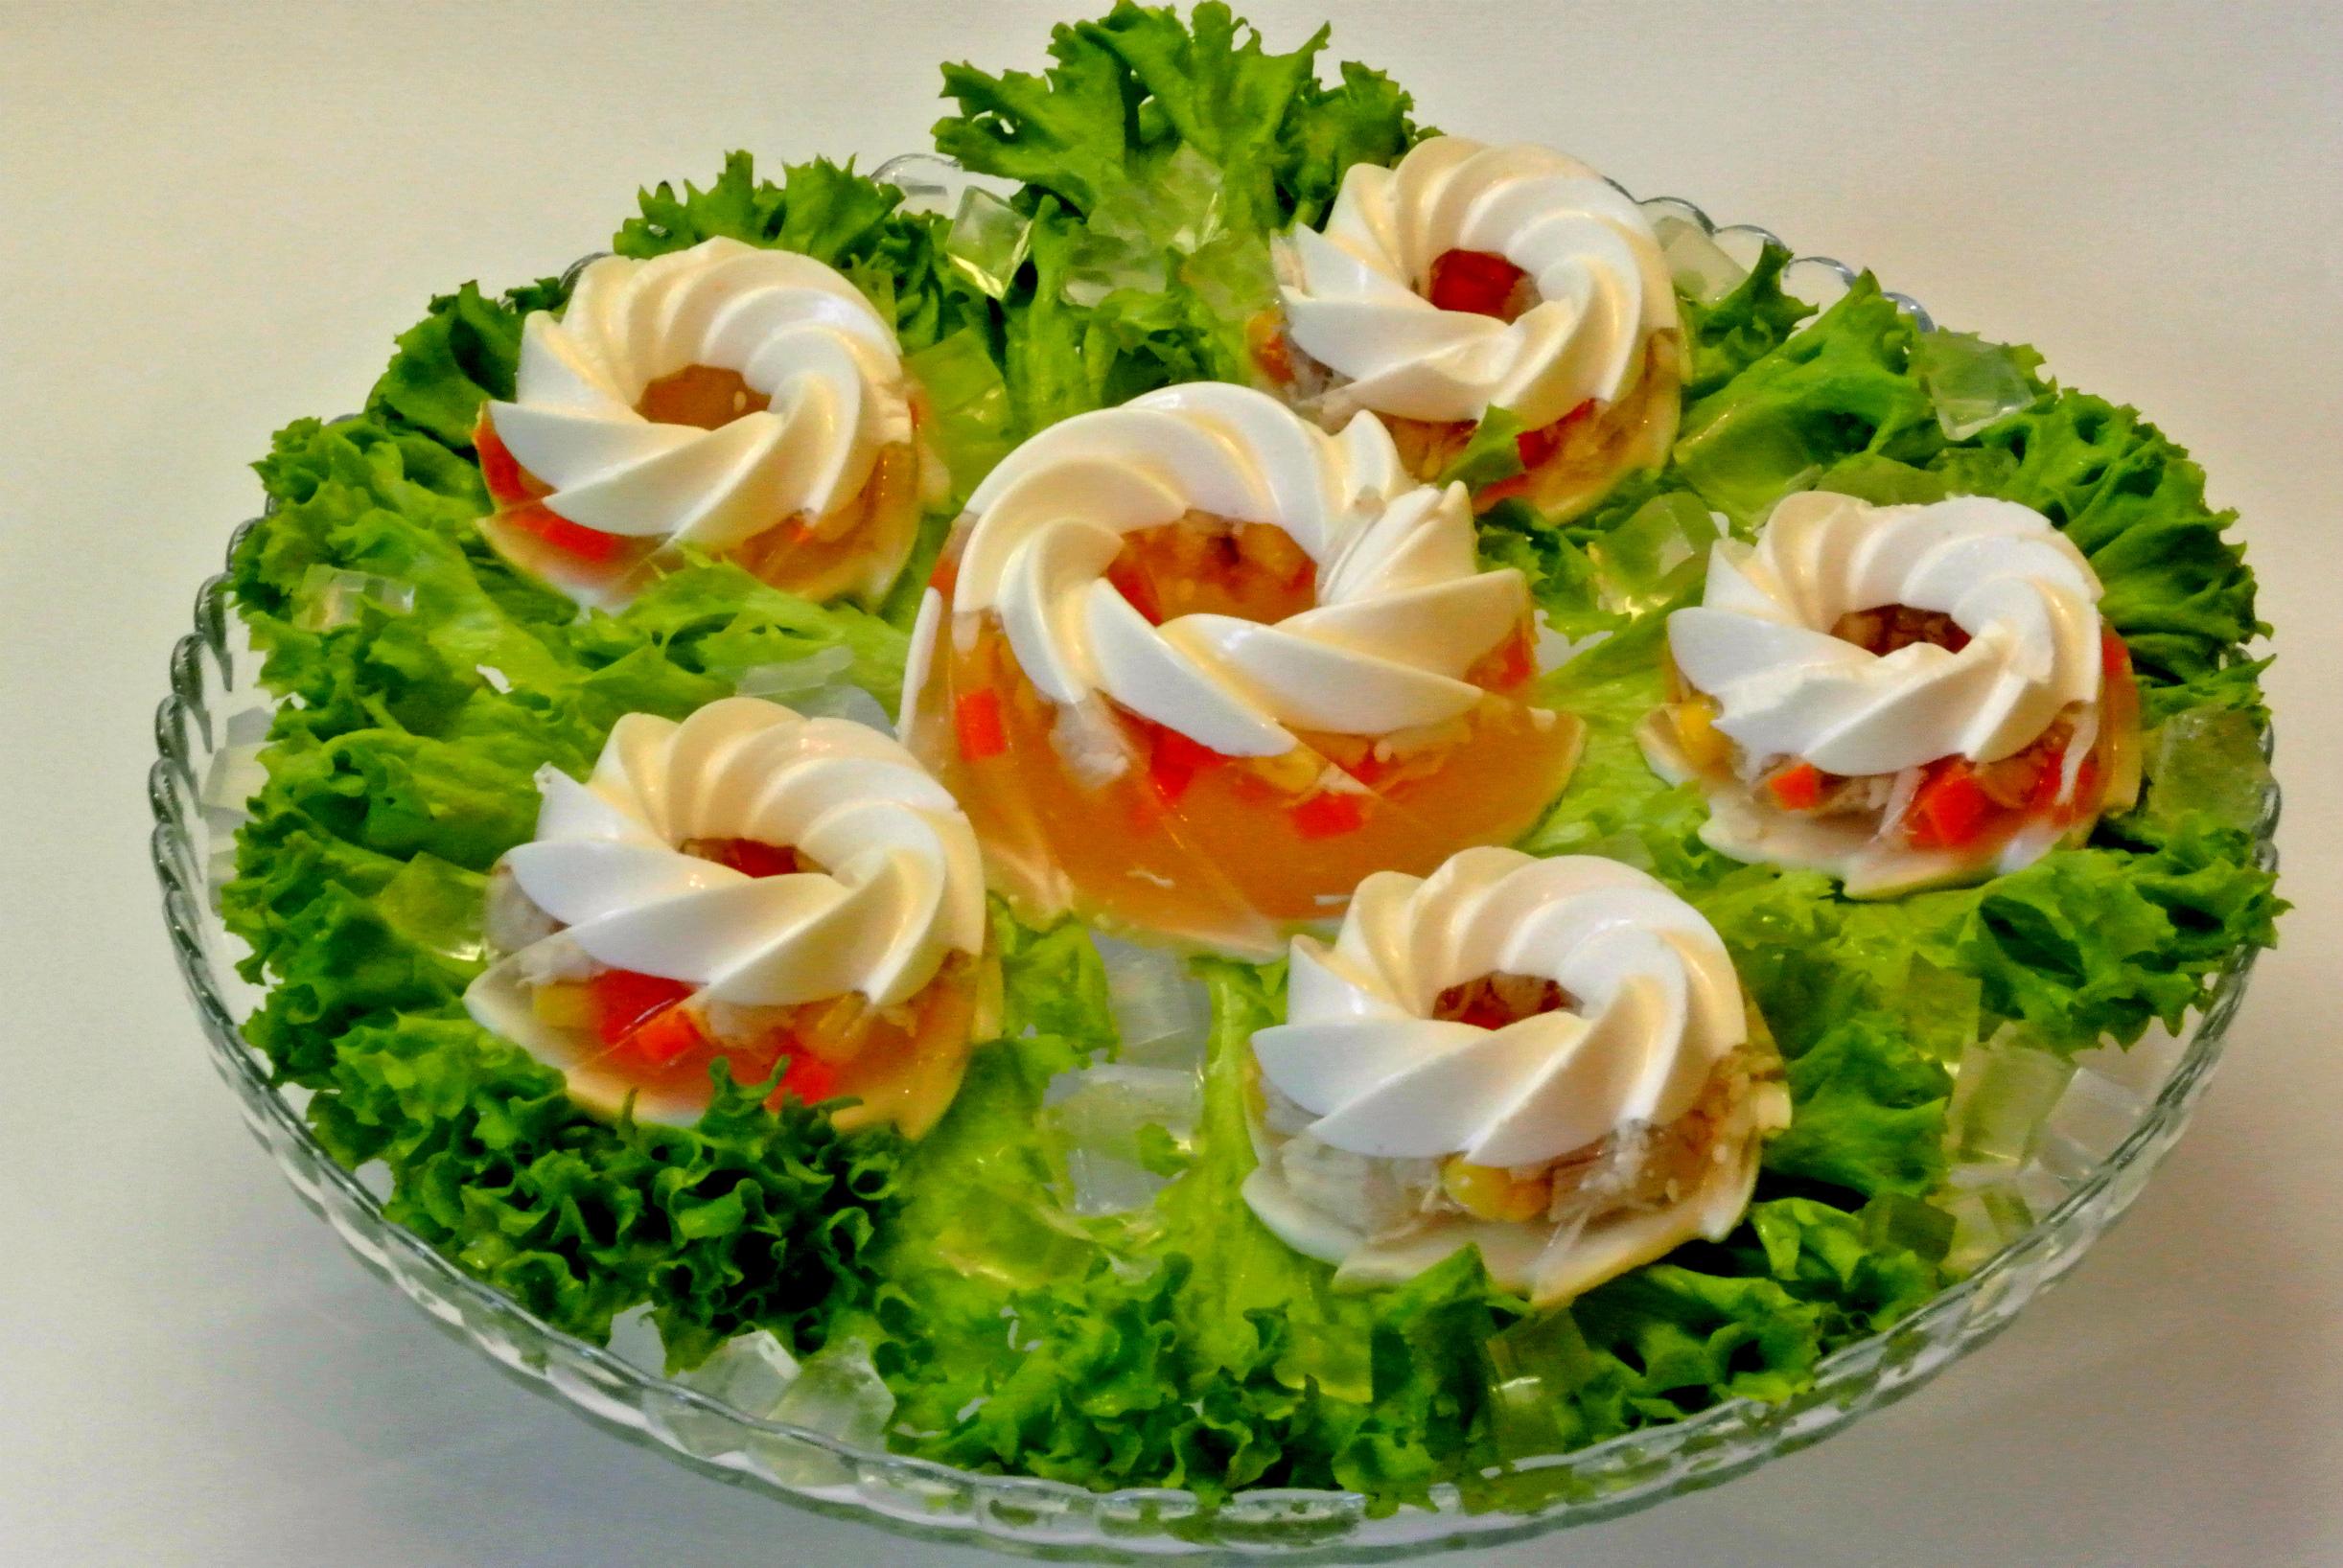 украшение праздничных блюд своими руками фото несложно найти